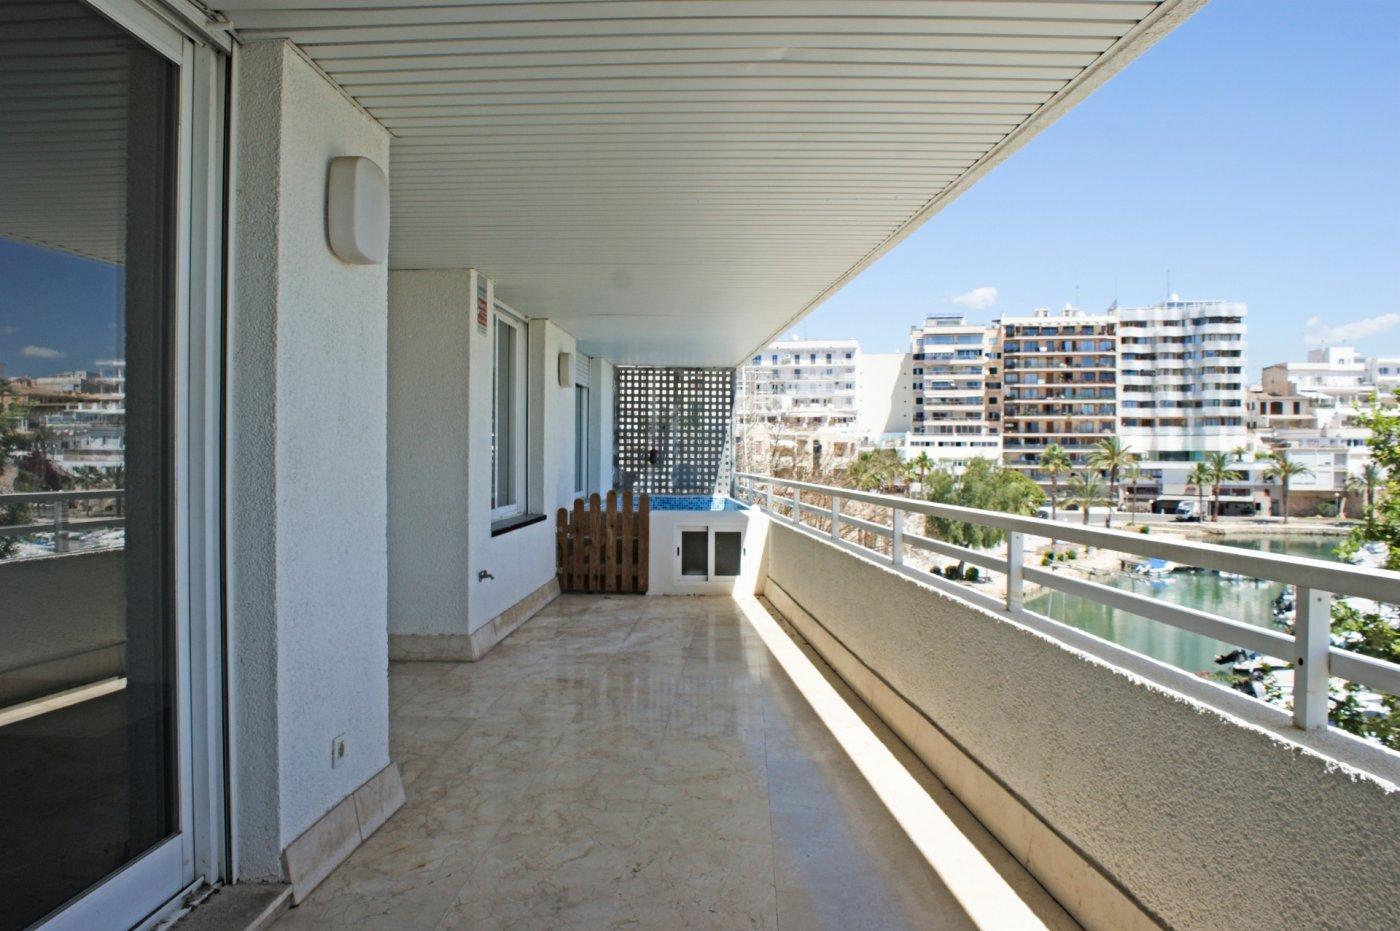 Piso-Venta-Palma de Mallorca-210560-Foto-28